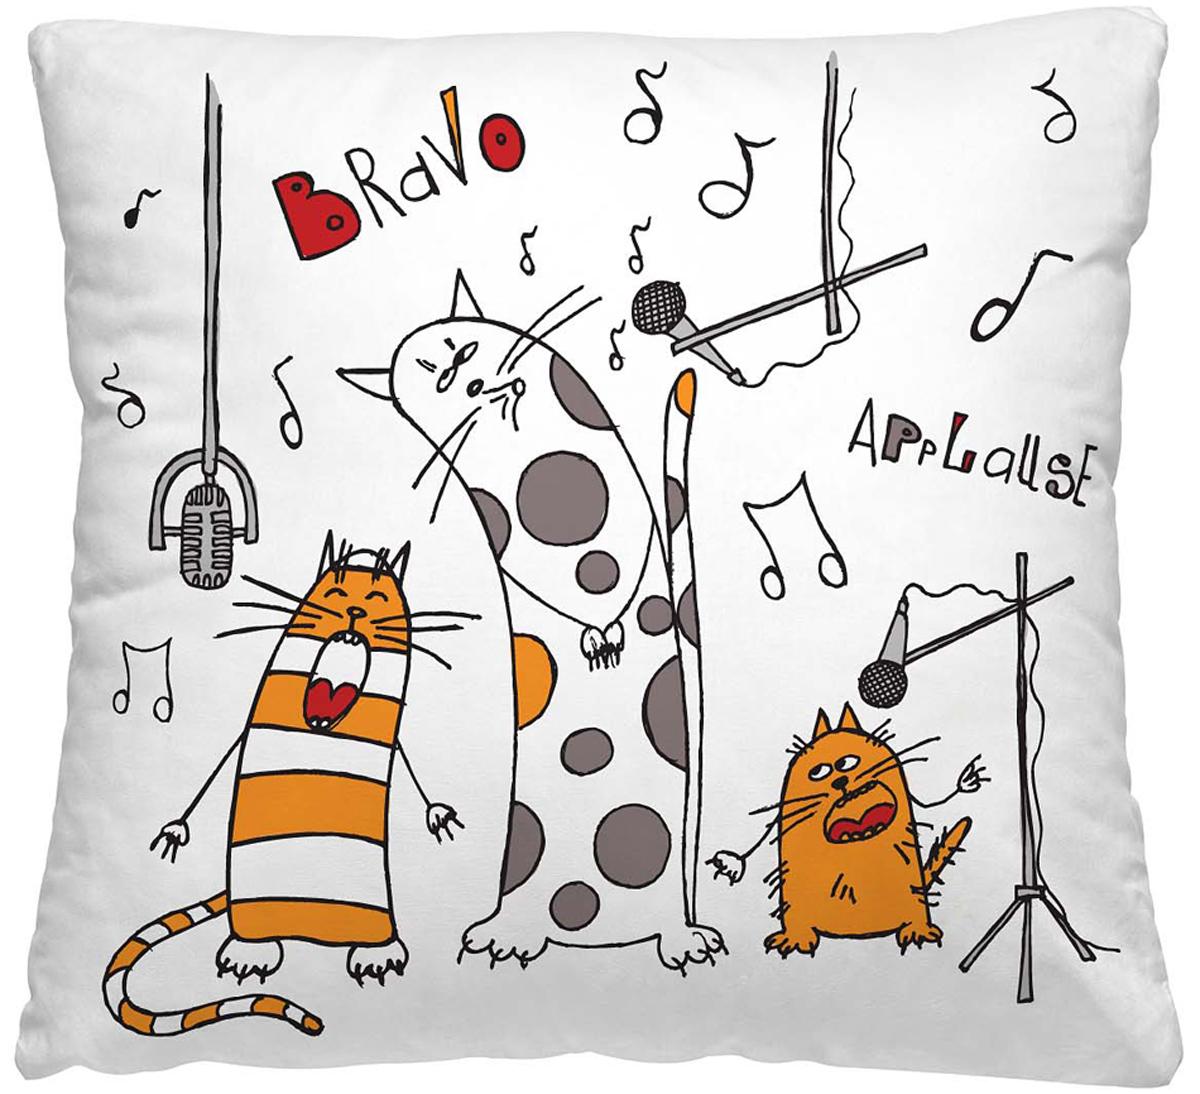 Подушка декоративная Волшебная ночь Веселые коты, 40 х 40 см195636Декоративная подушка Волшебная ночь Веселые коты прекрасно дополнит интерьер спальни или гостиной. Чехол подушки выполнен из 100% полиэстера. Лицевая сторона украшена красивым рисунком. Наполнитель - полиэстер.Красивая подушка создаст атмосферу уюта в доме и станет прекрасным элементом декора.Особенности изделия: - Съёмный чехол на молнии; - Наполнитель в индивидуальной наволочке; - Оборотная сторона из стёганого полотна для улучшения формоустойчивостиРазмер: 40 x 40 см.